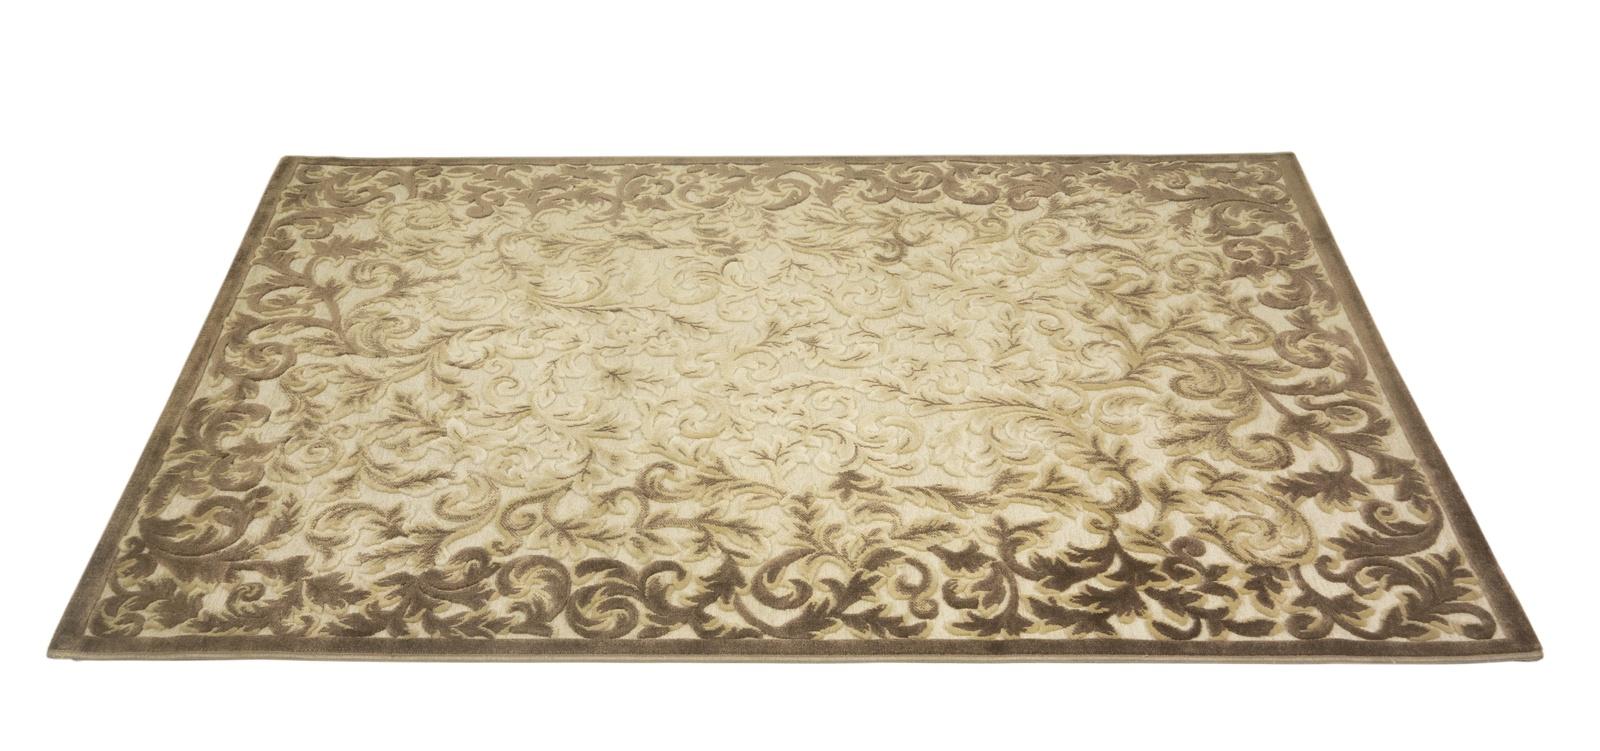 лучшая цена Ковер MADONNA 1,5х2,30/прямоугольник/80007А/беж-коричневый